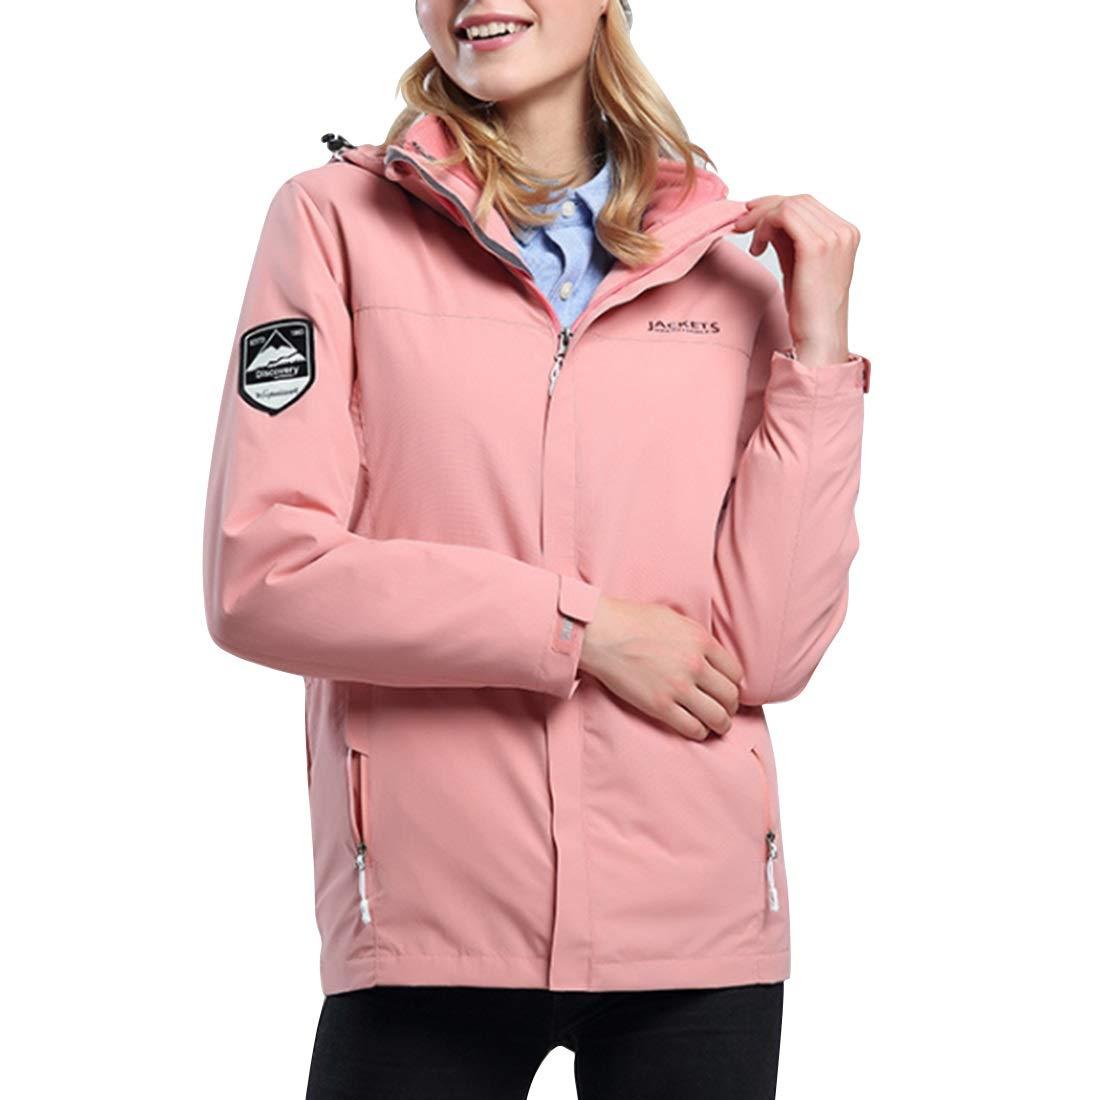 Outdoor Frauen Nalkusxi XXXL 4 Reißverschluss Raincoat